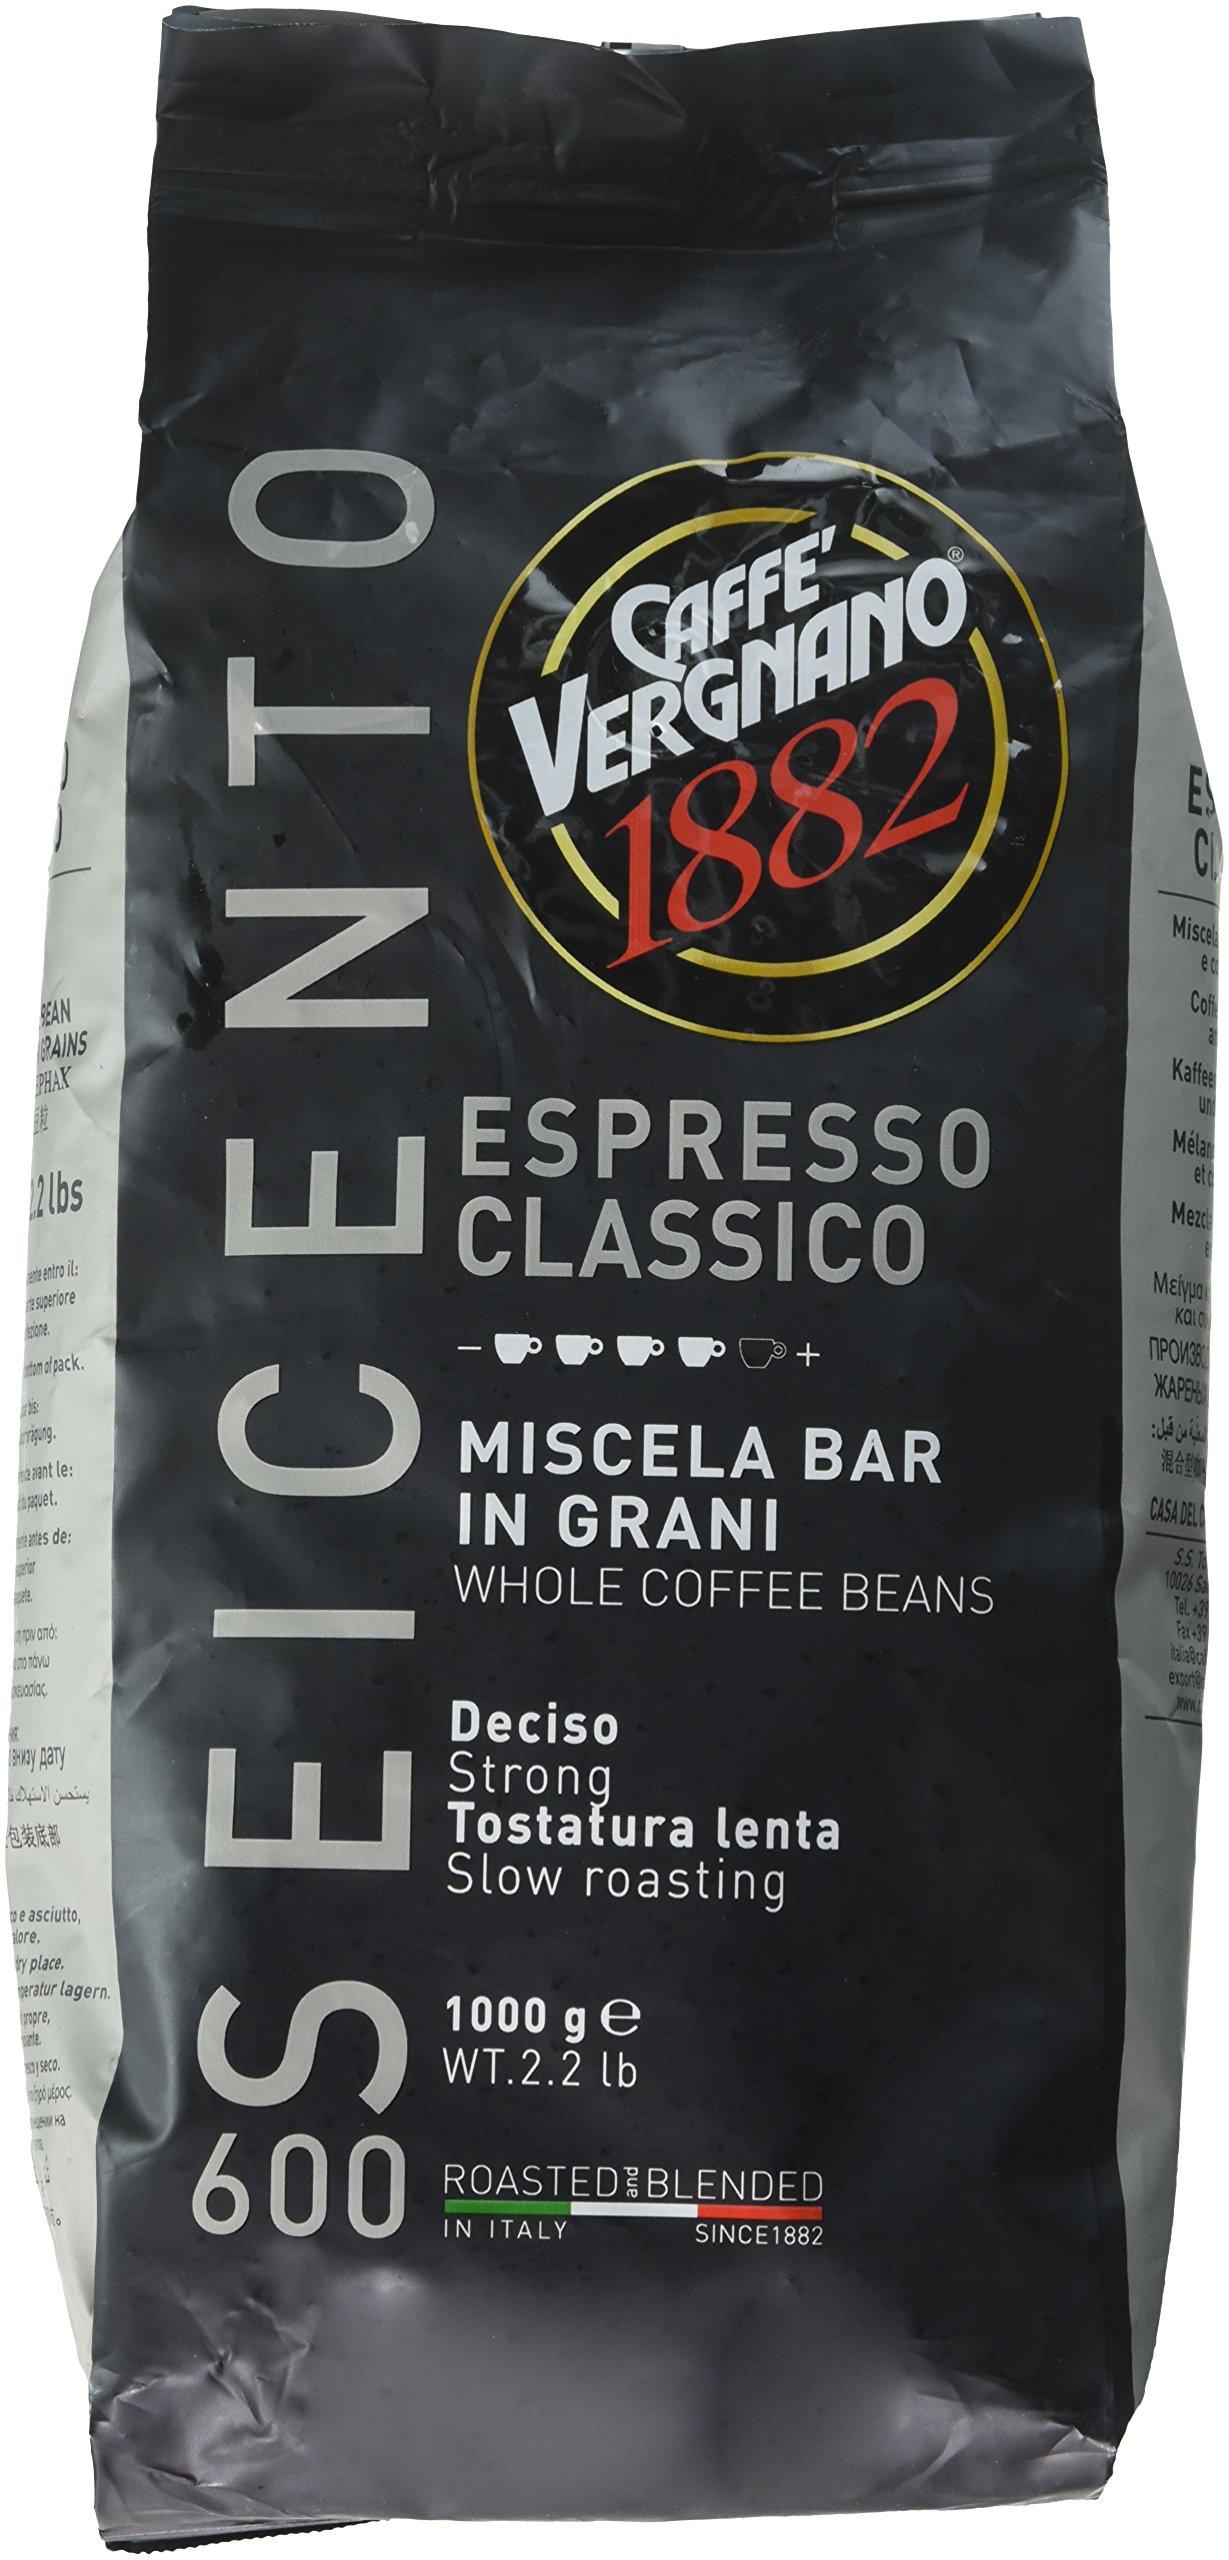 Caffe Vergnano Espresso Classico 600 Whole Beans, 2.2 Pound